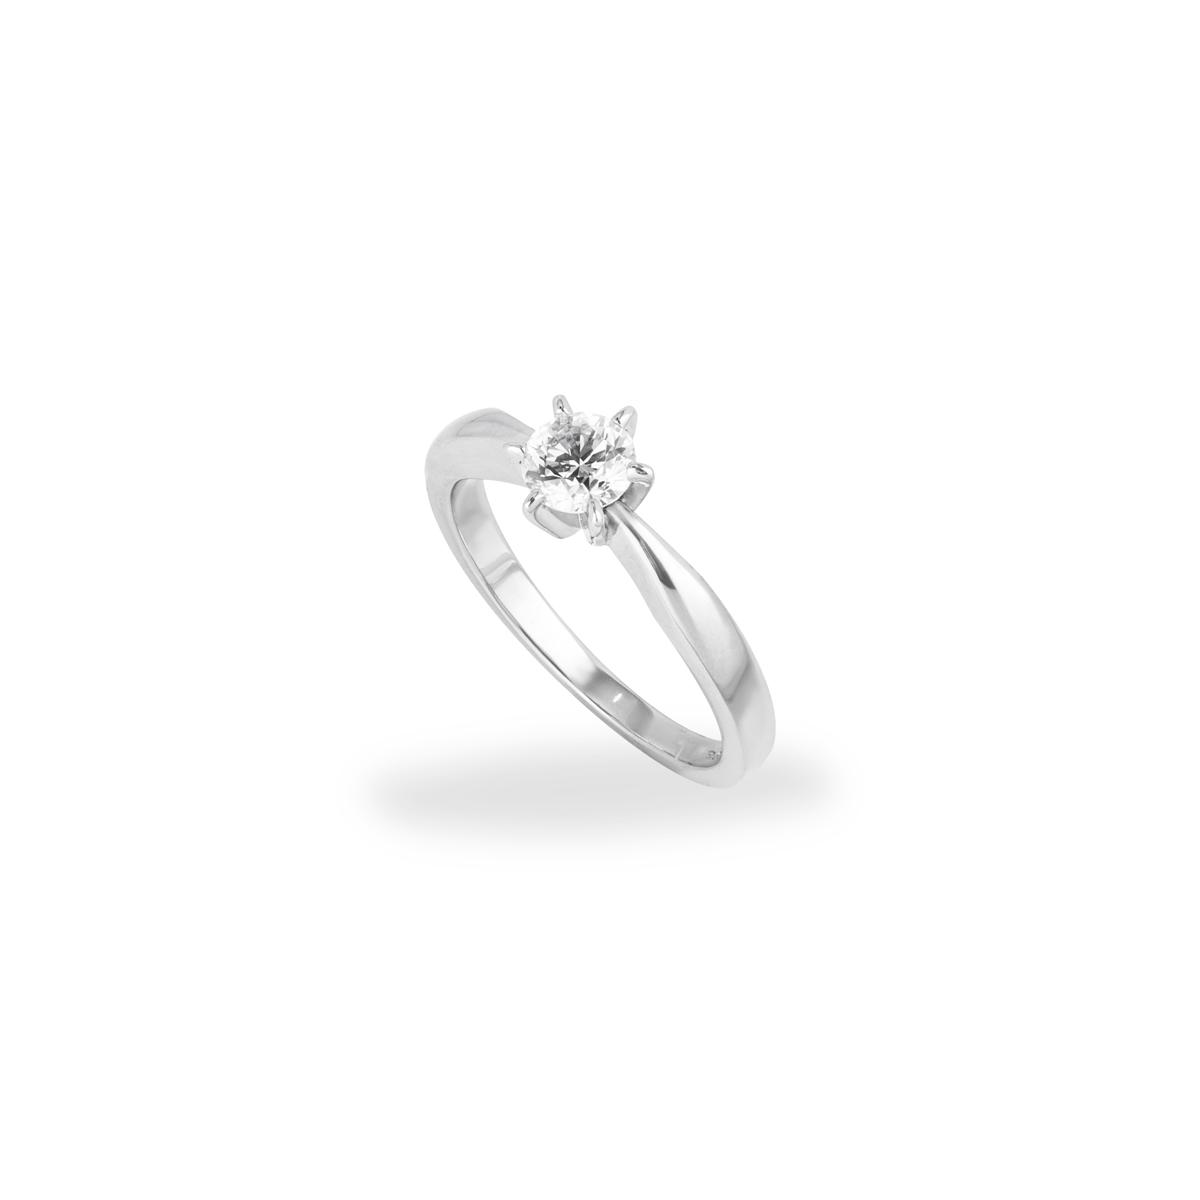 Round Brilliant Cut Diamond Ring in Platinum 0.50ct H/VS2